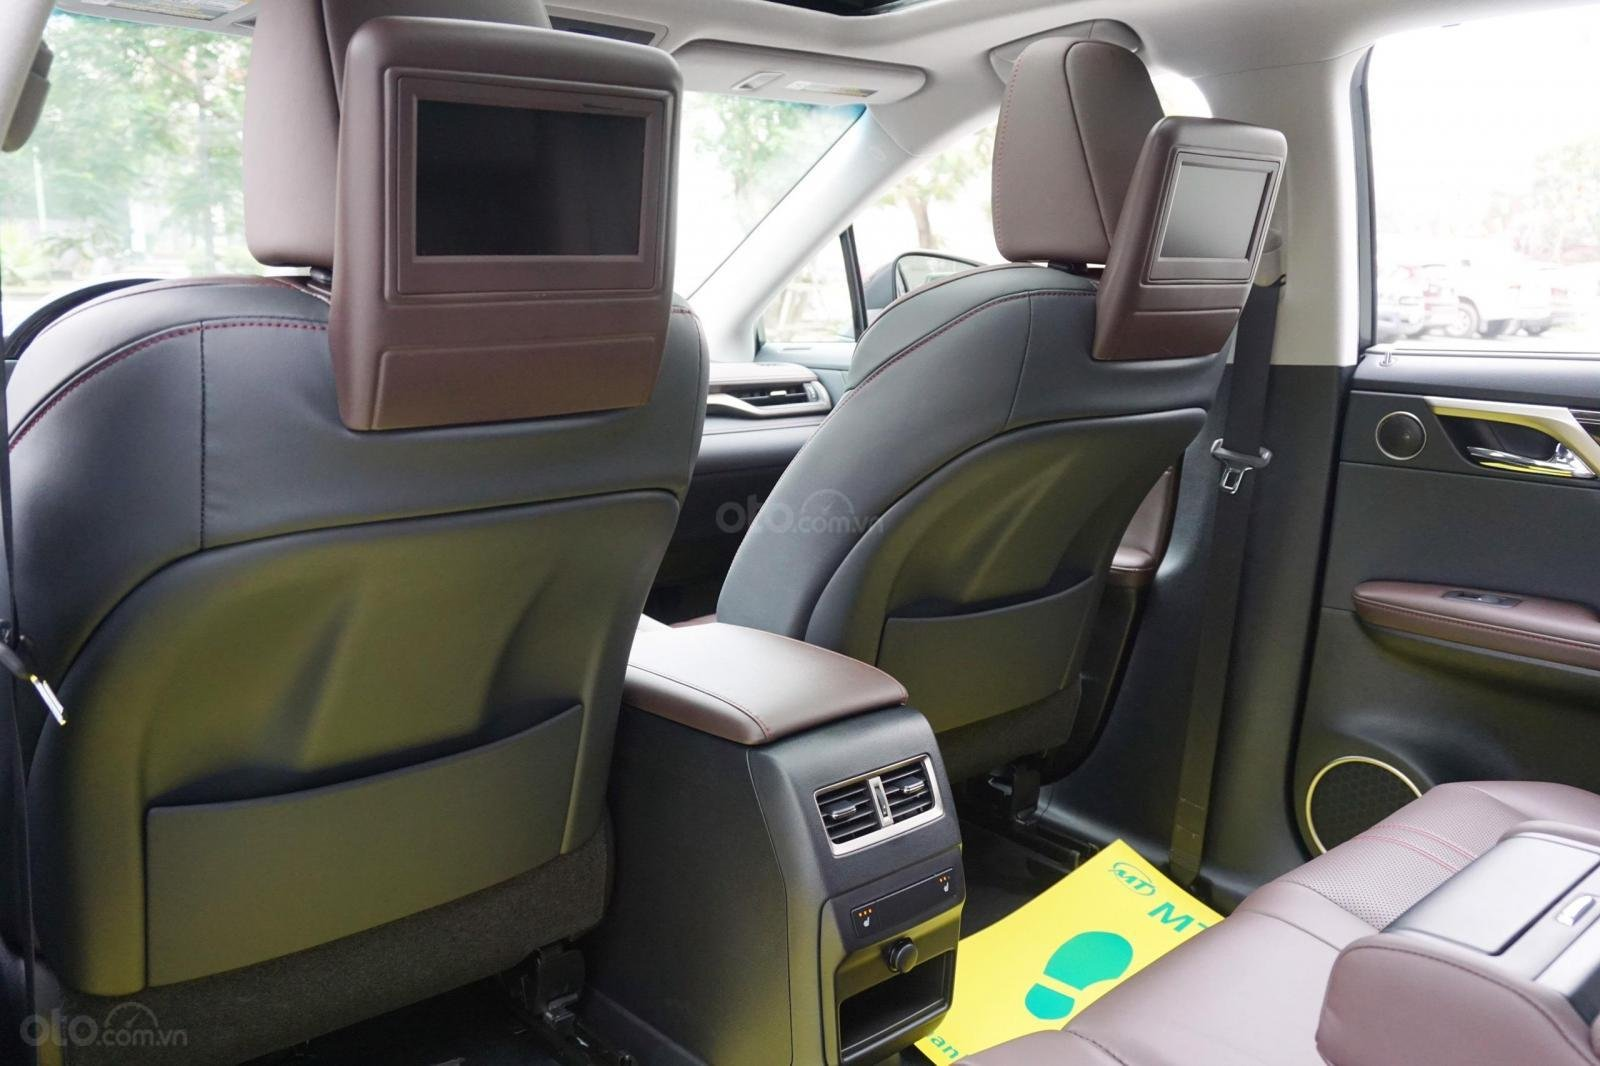 Bán Lexus RX 350 sản xuất 2019, màu đen, nhập Mỹ, giao ngay, LH 094.539.2468 Ms Hương (16)